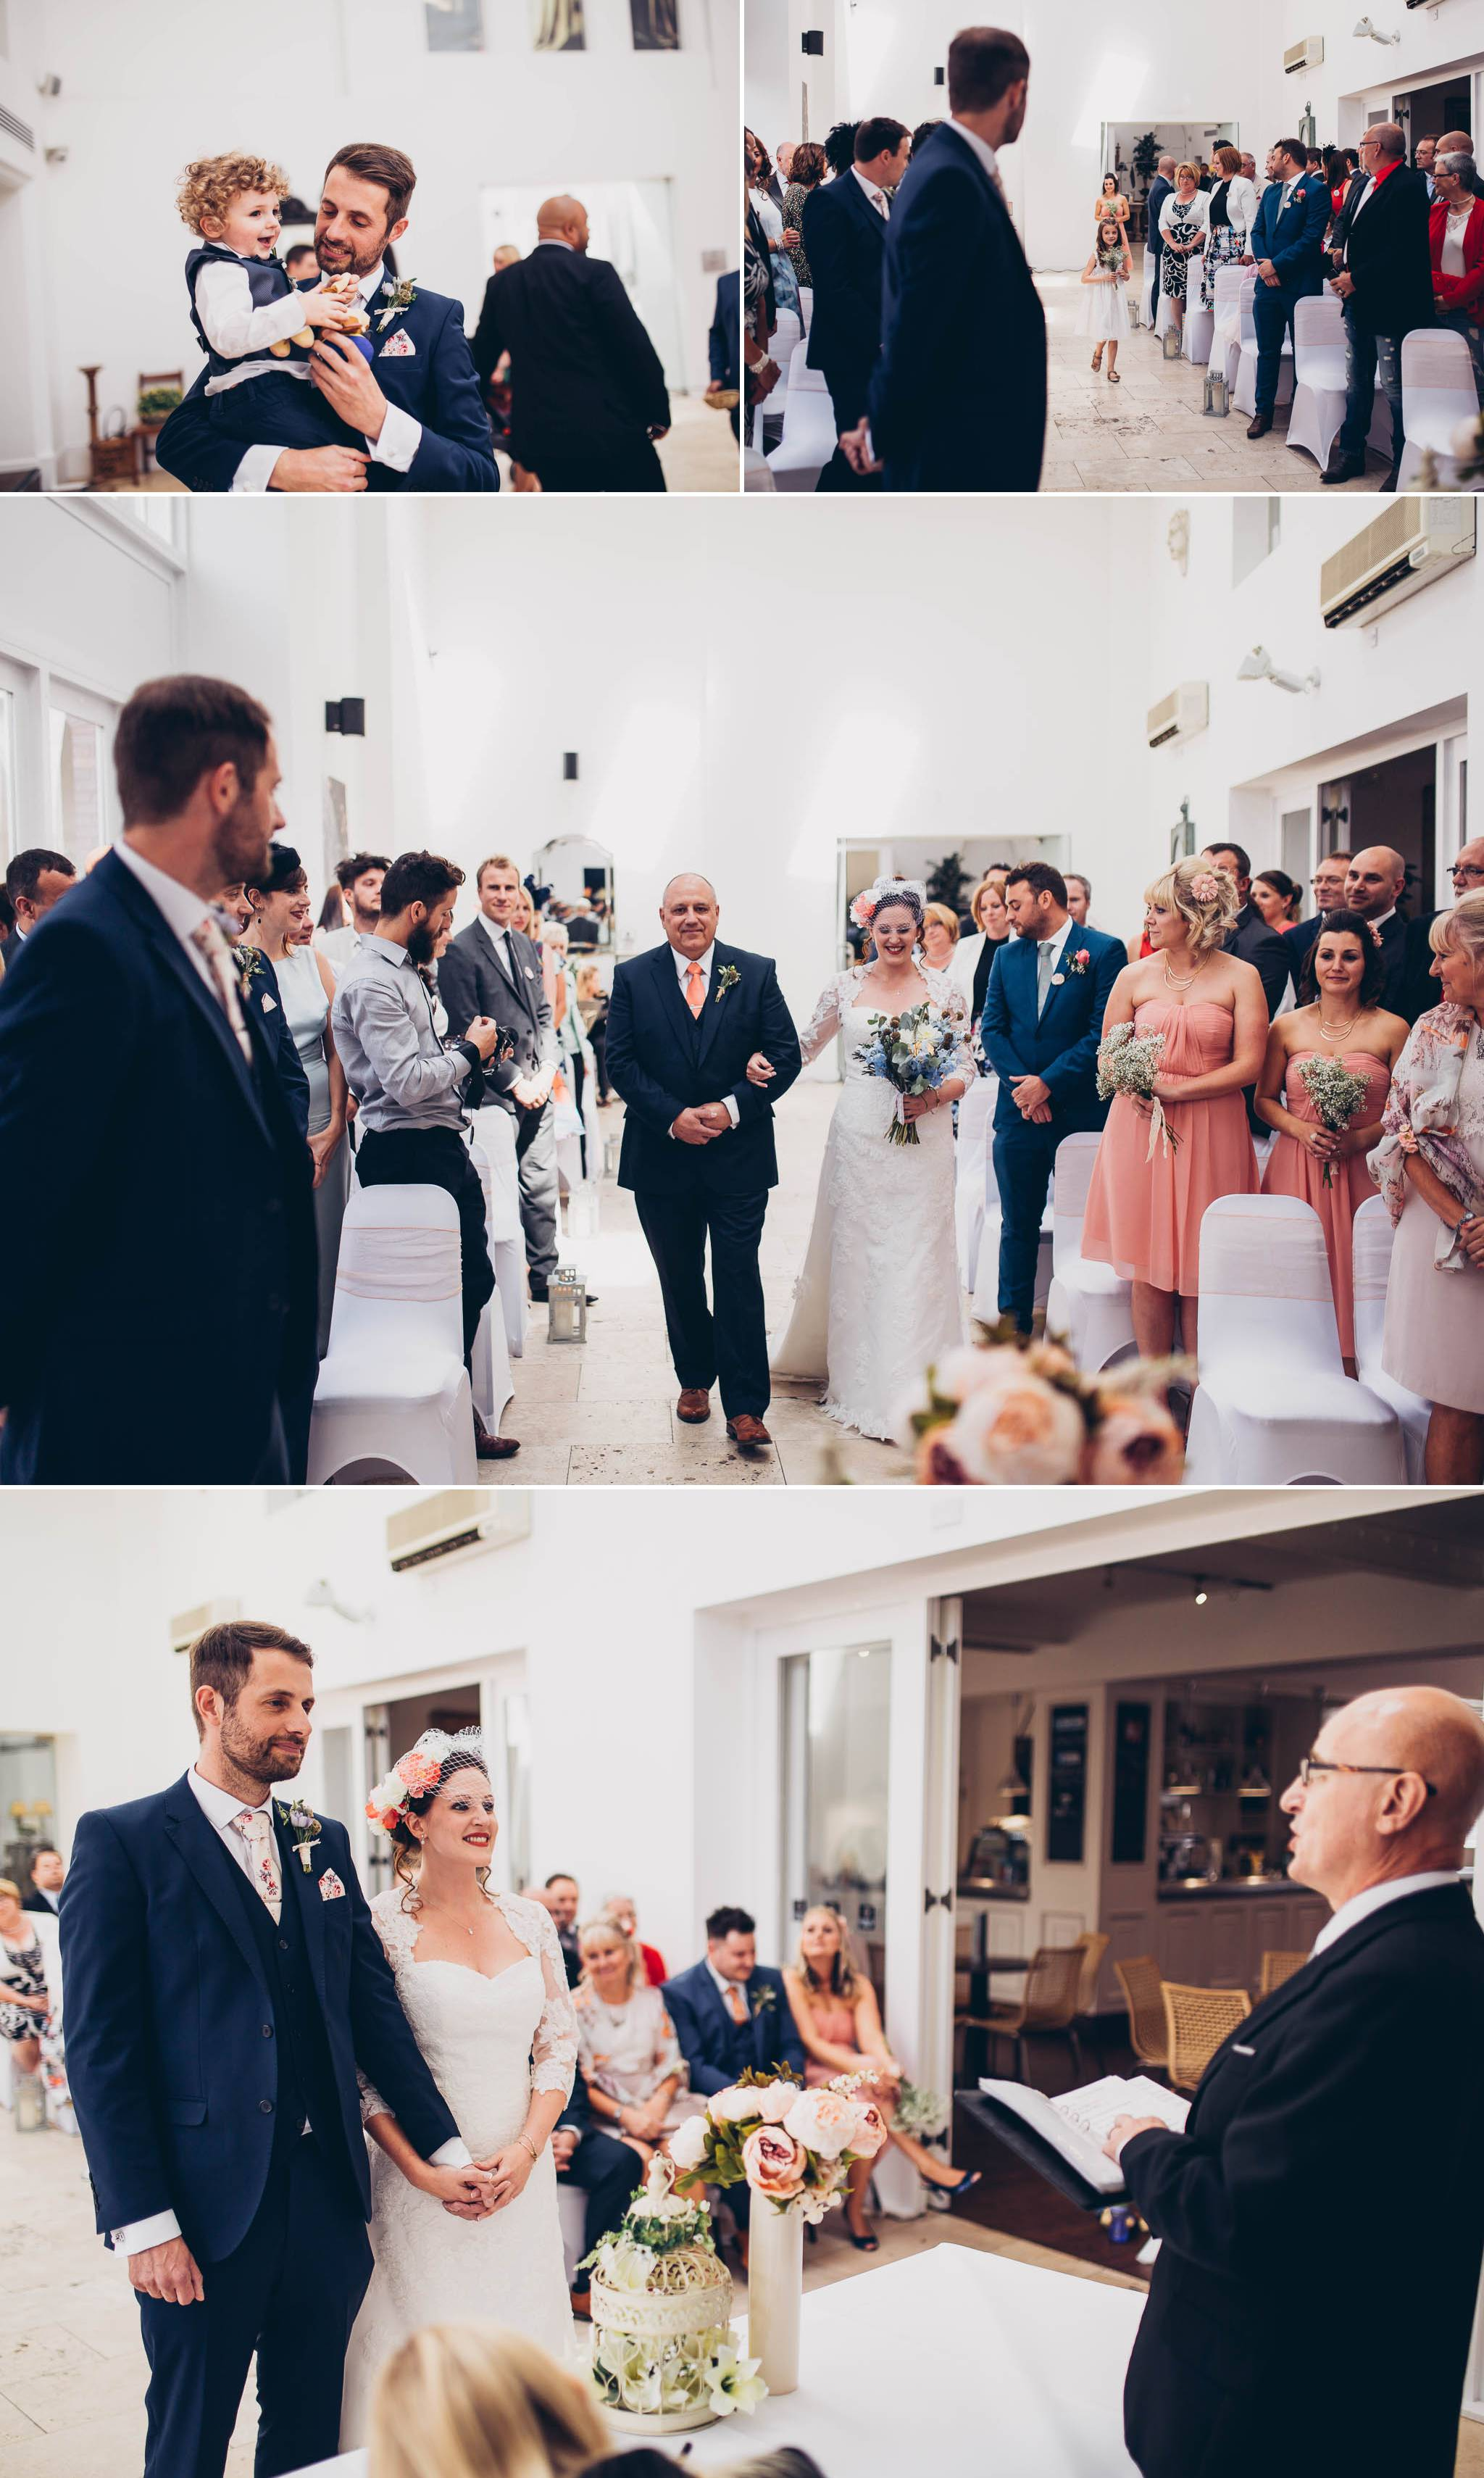 birmingham-wedding-photographer 7.jpg